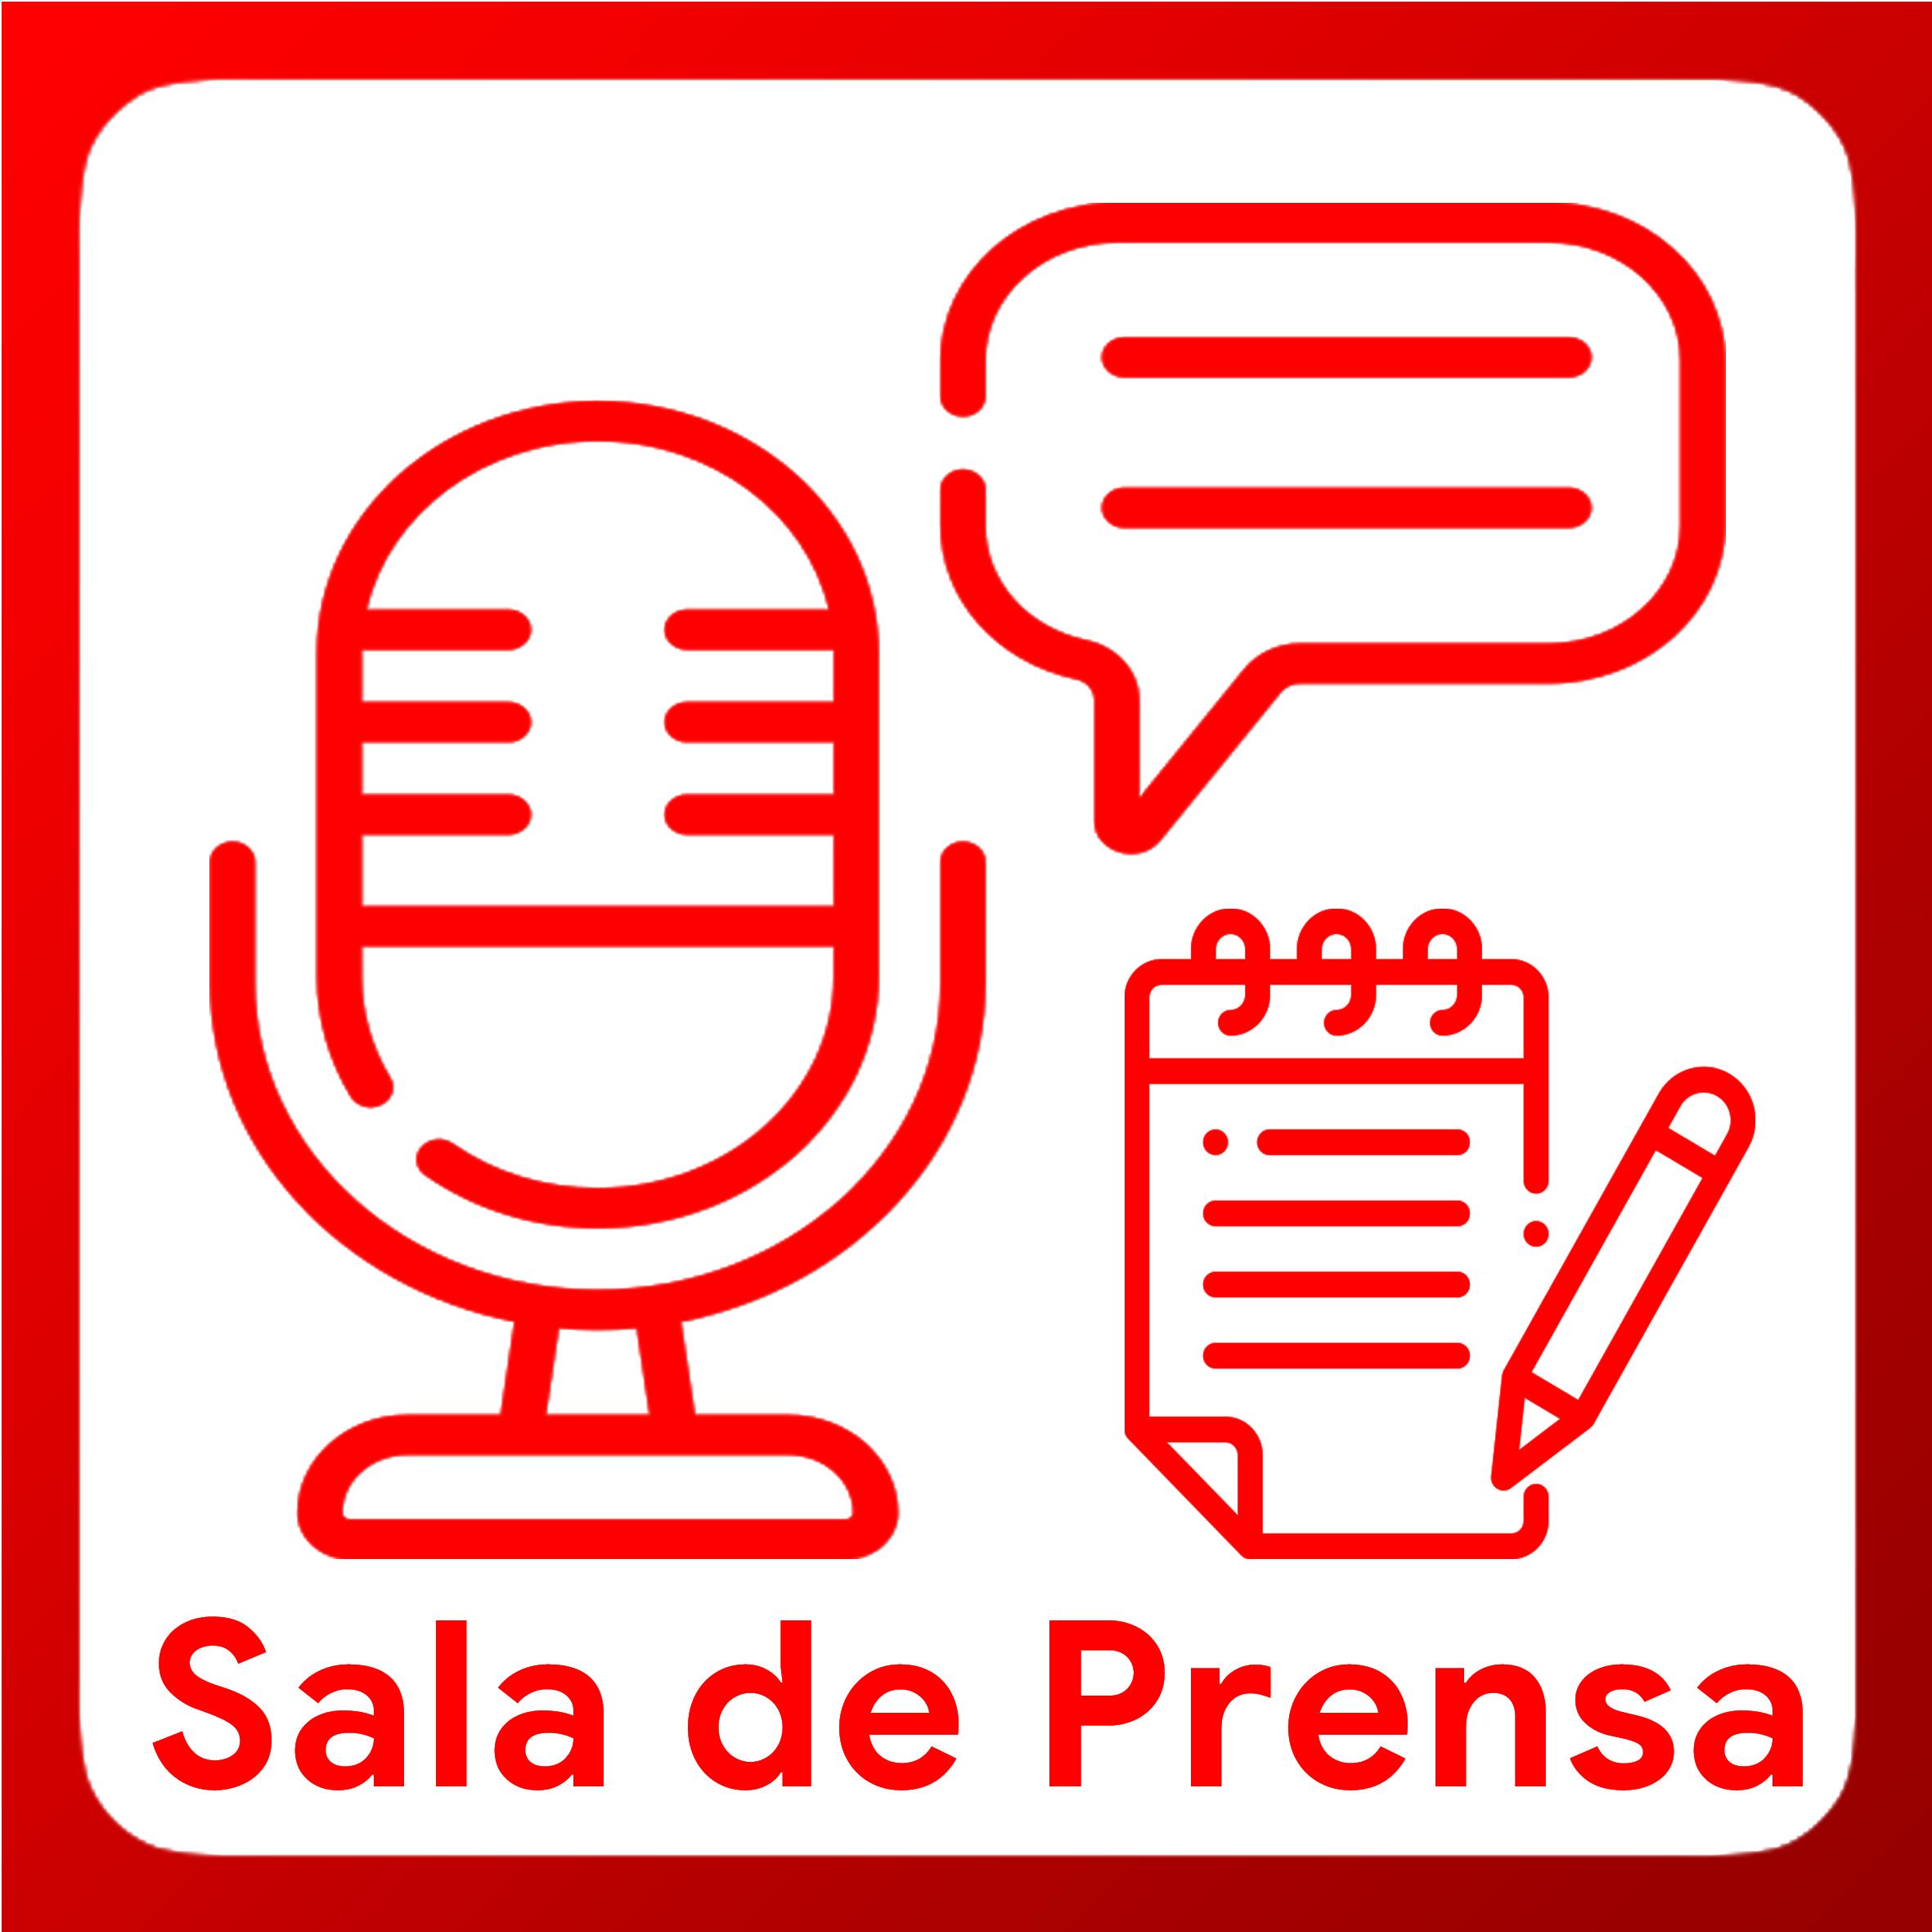 Boton activable de Sala de Prensa